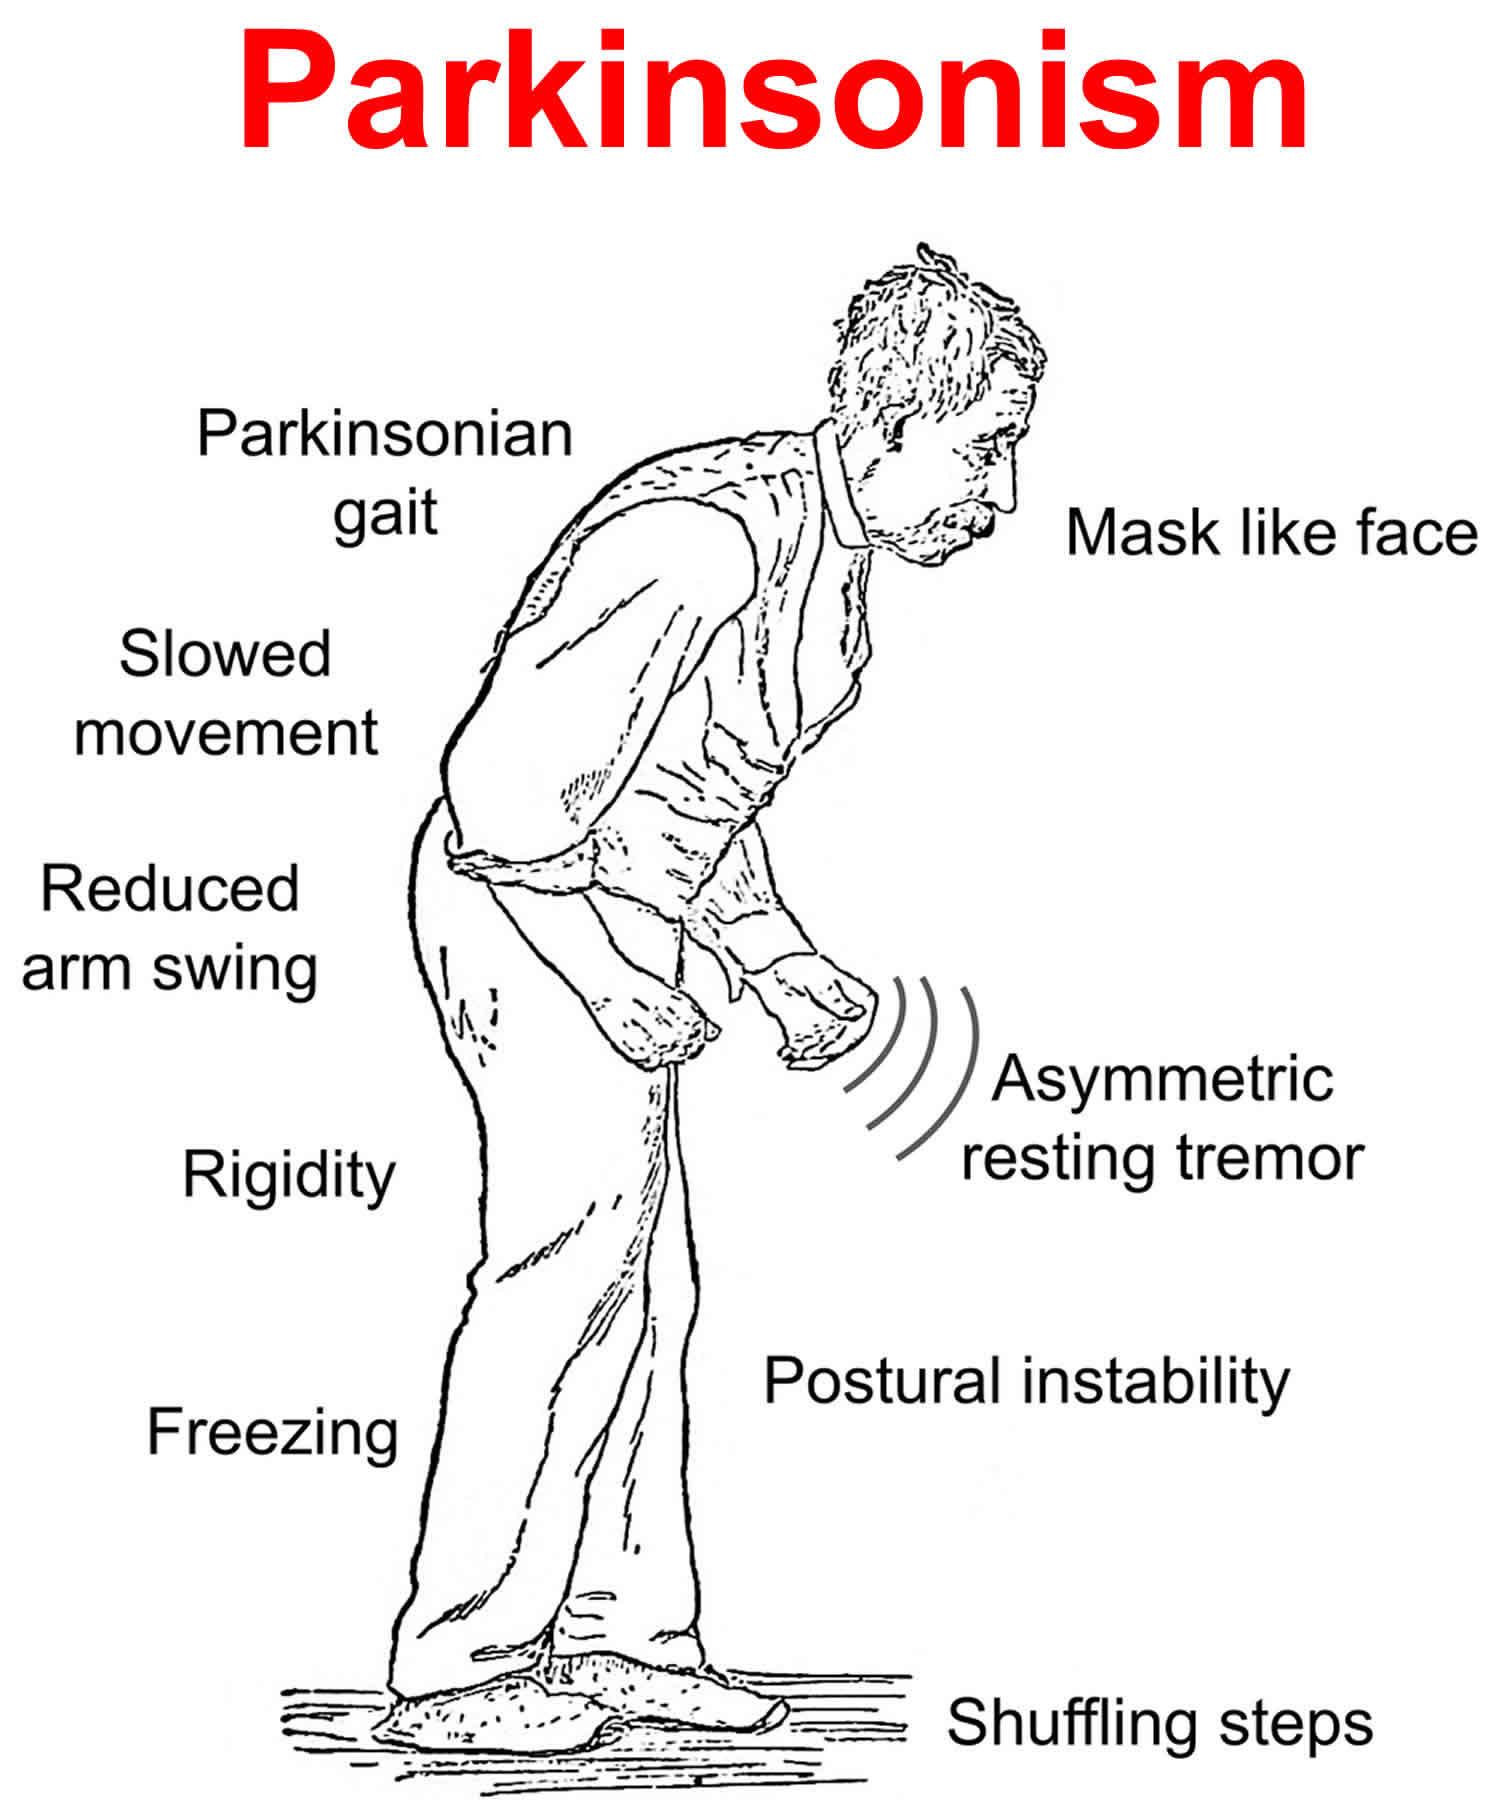 Parkinsonism causes, symptoms, diagnosis, treatment & life